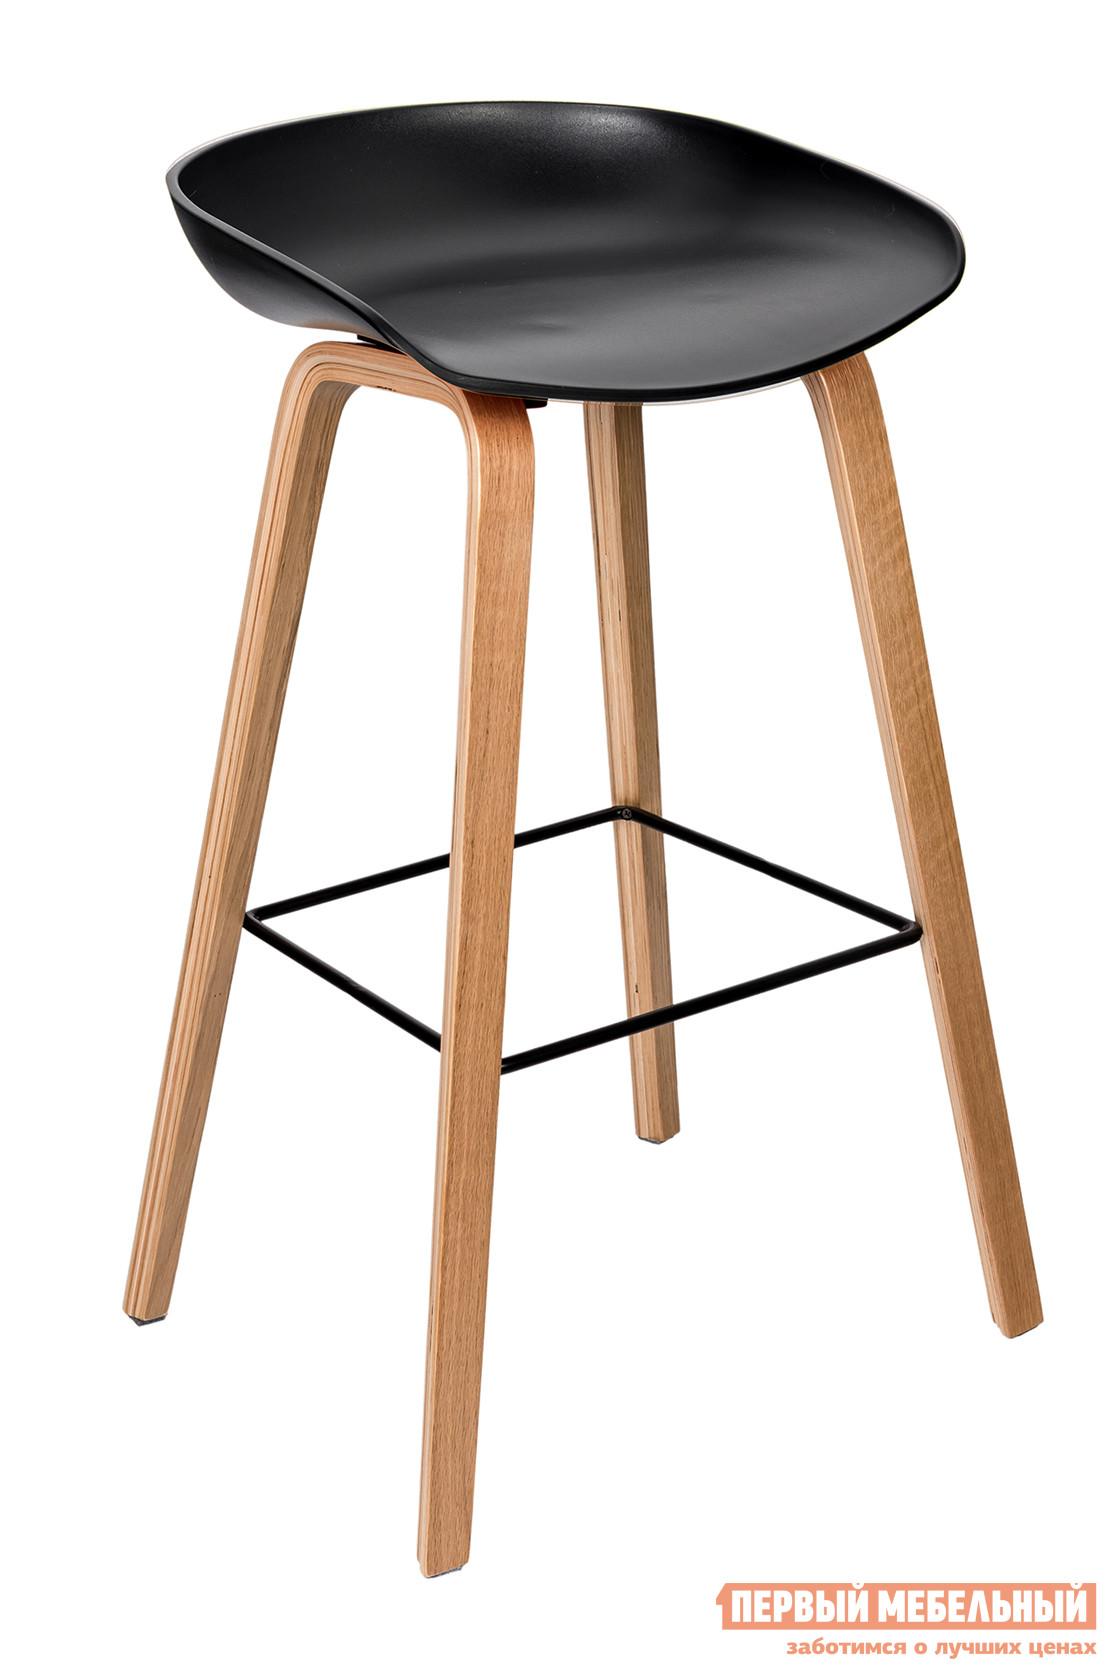 Барный стул STOOL GROUP Libra 8319 Черный от Купистол